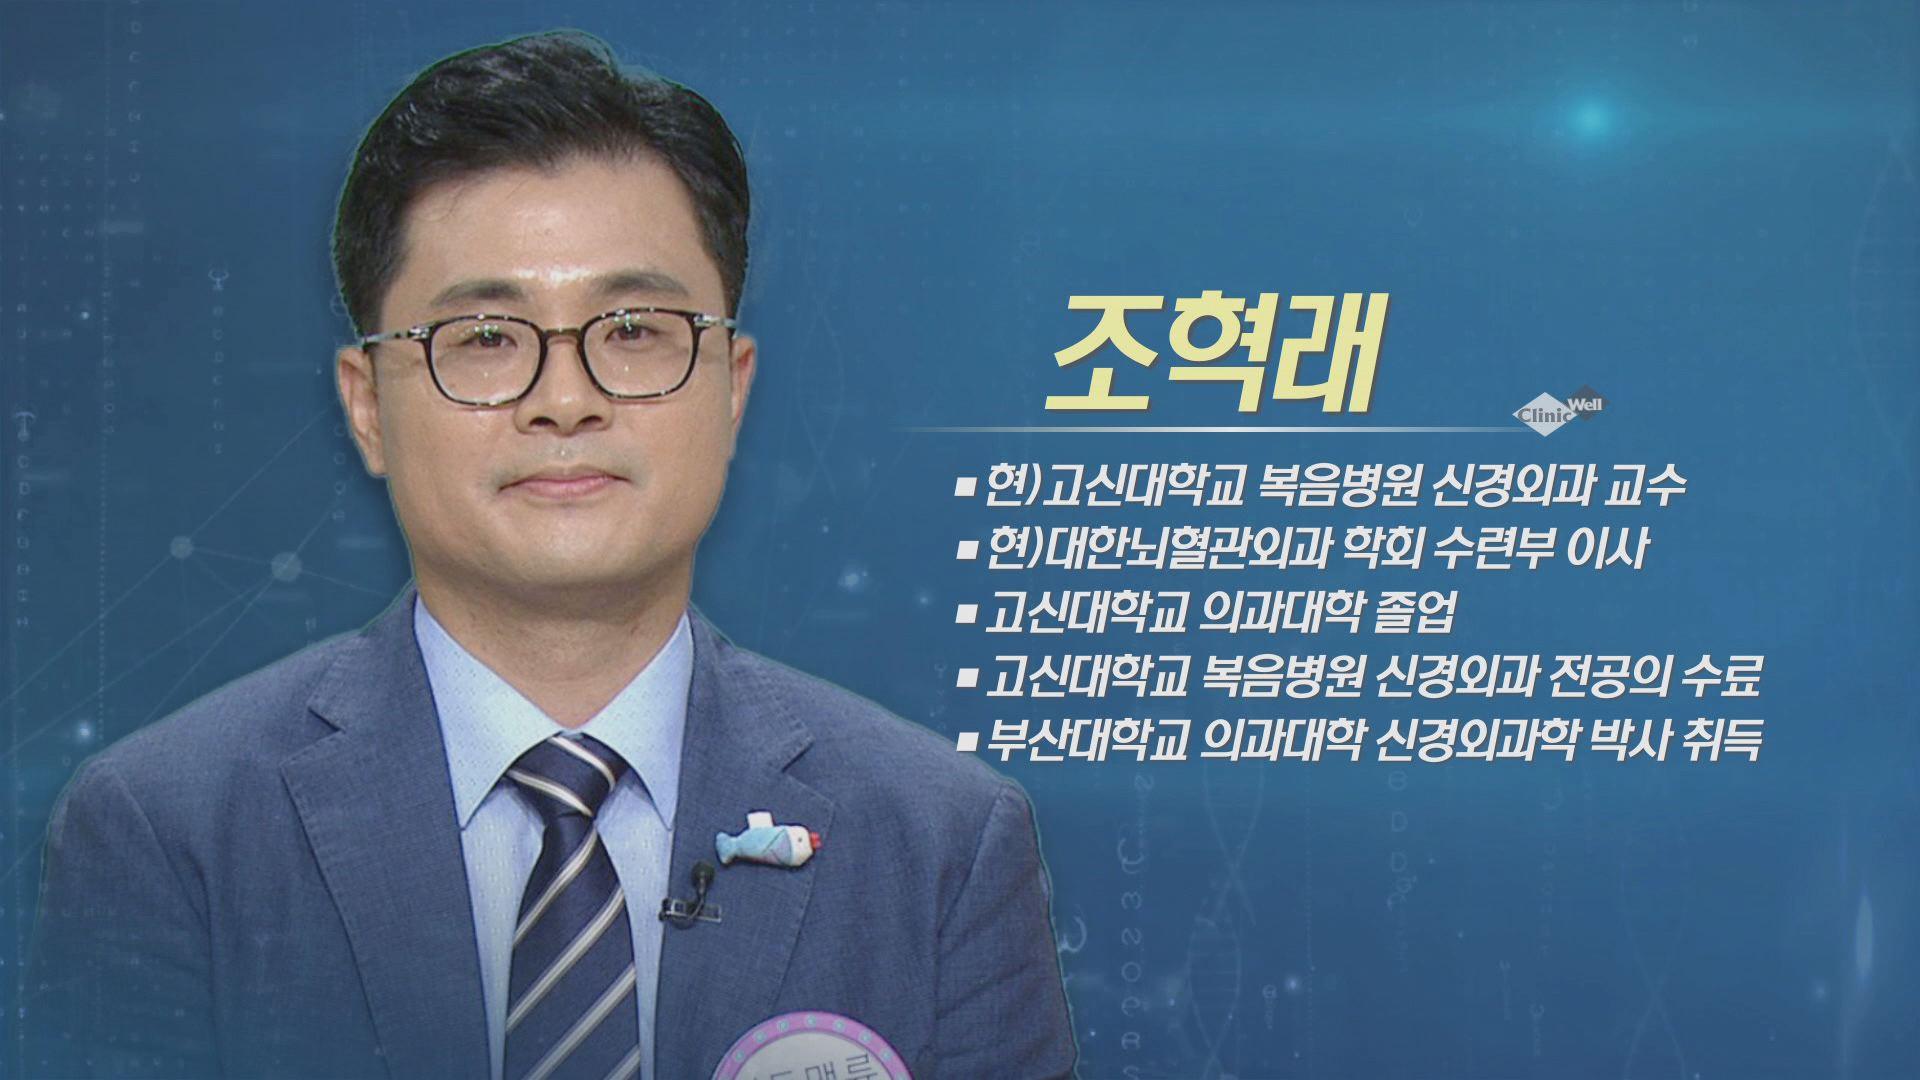 (08/19 방영) 머릿속의 시한폭탄, 뇌동맥류(조혁래/고신대학교 복음병원 신경외과 교수)